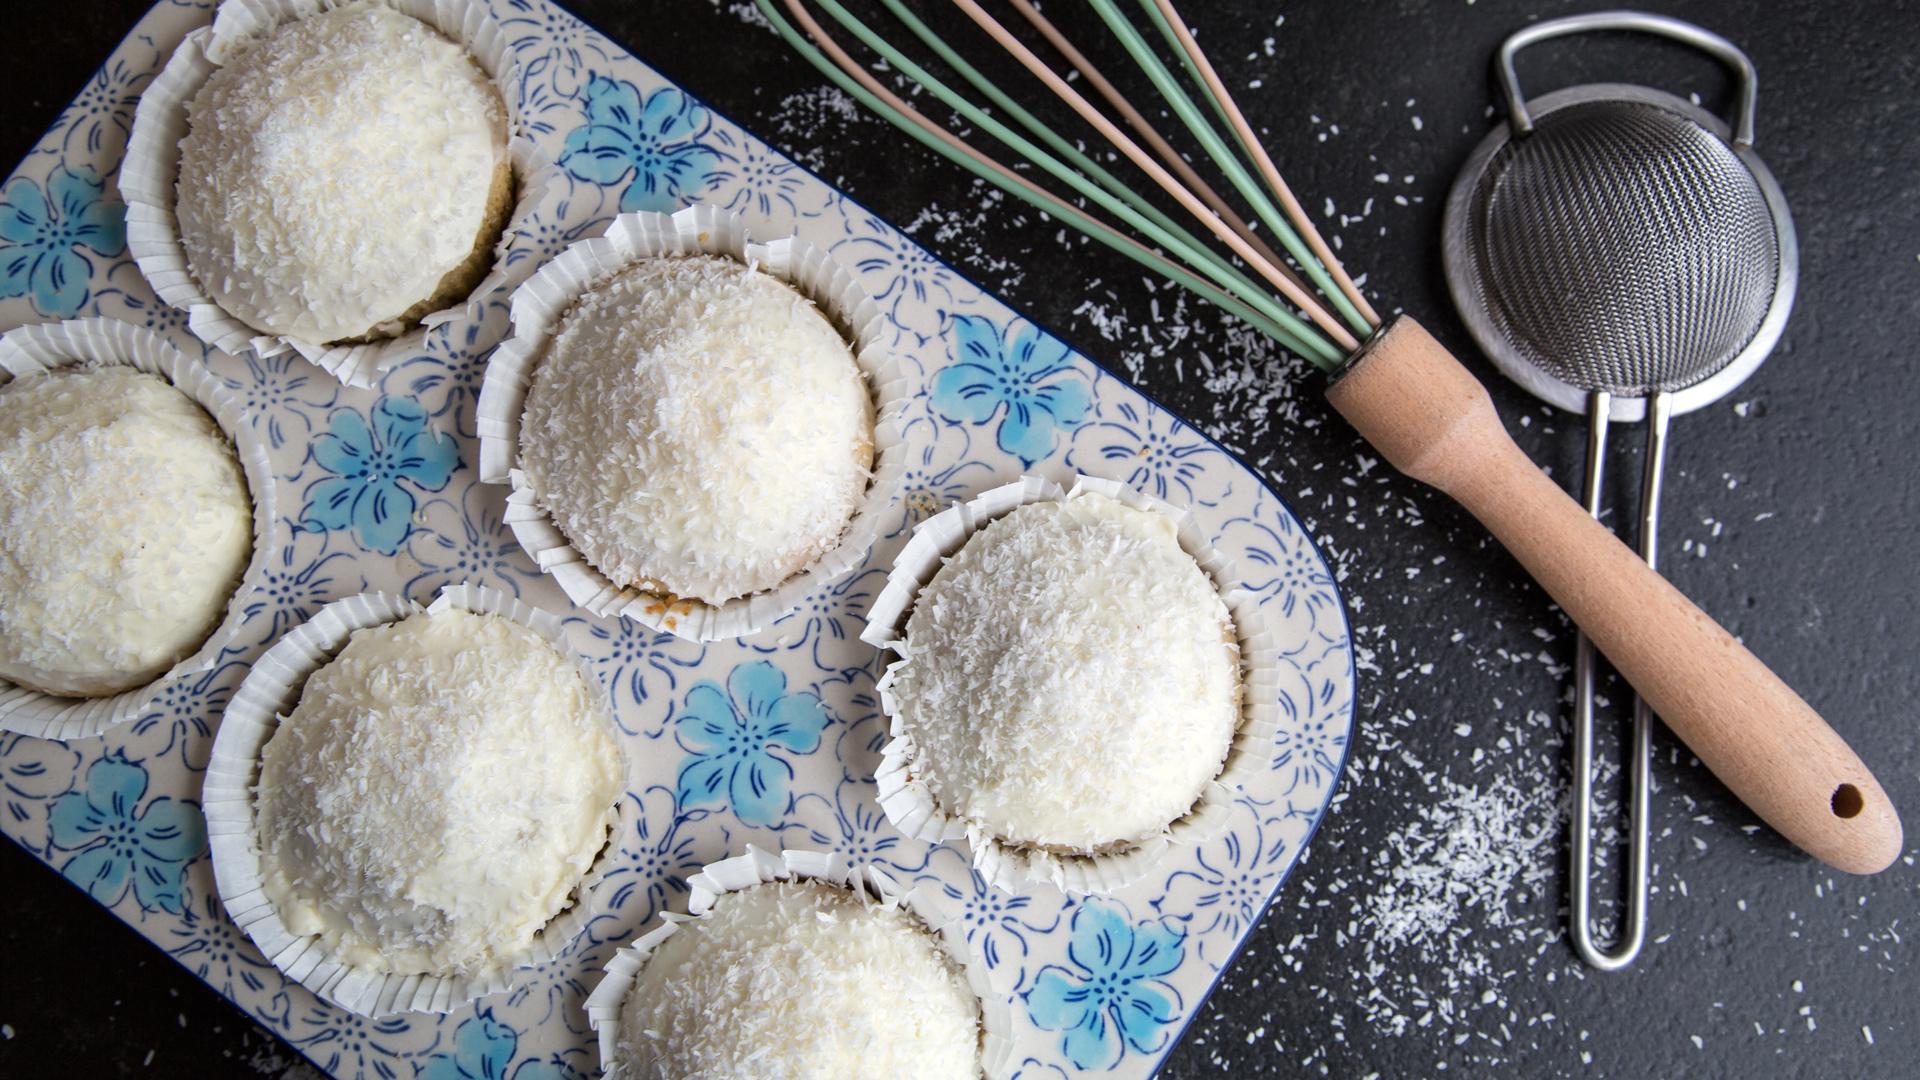 kokos-muffins-mit-bio-zitronenmyrte-rimoco16x9